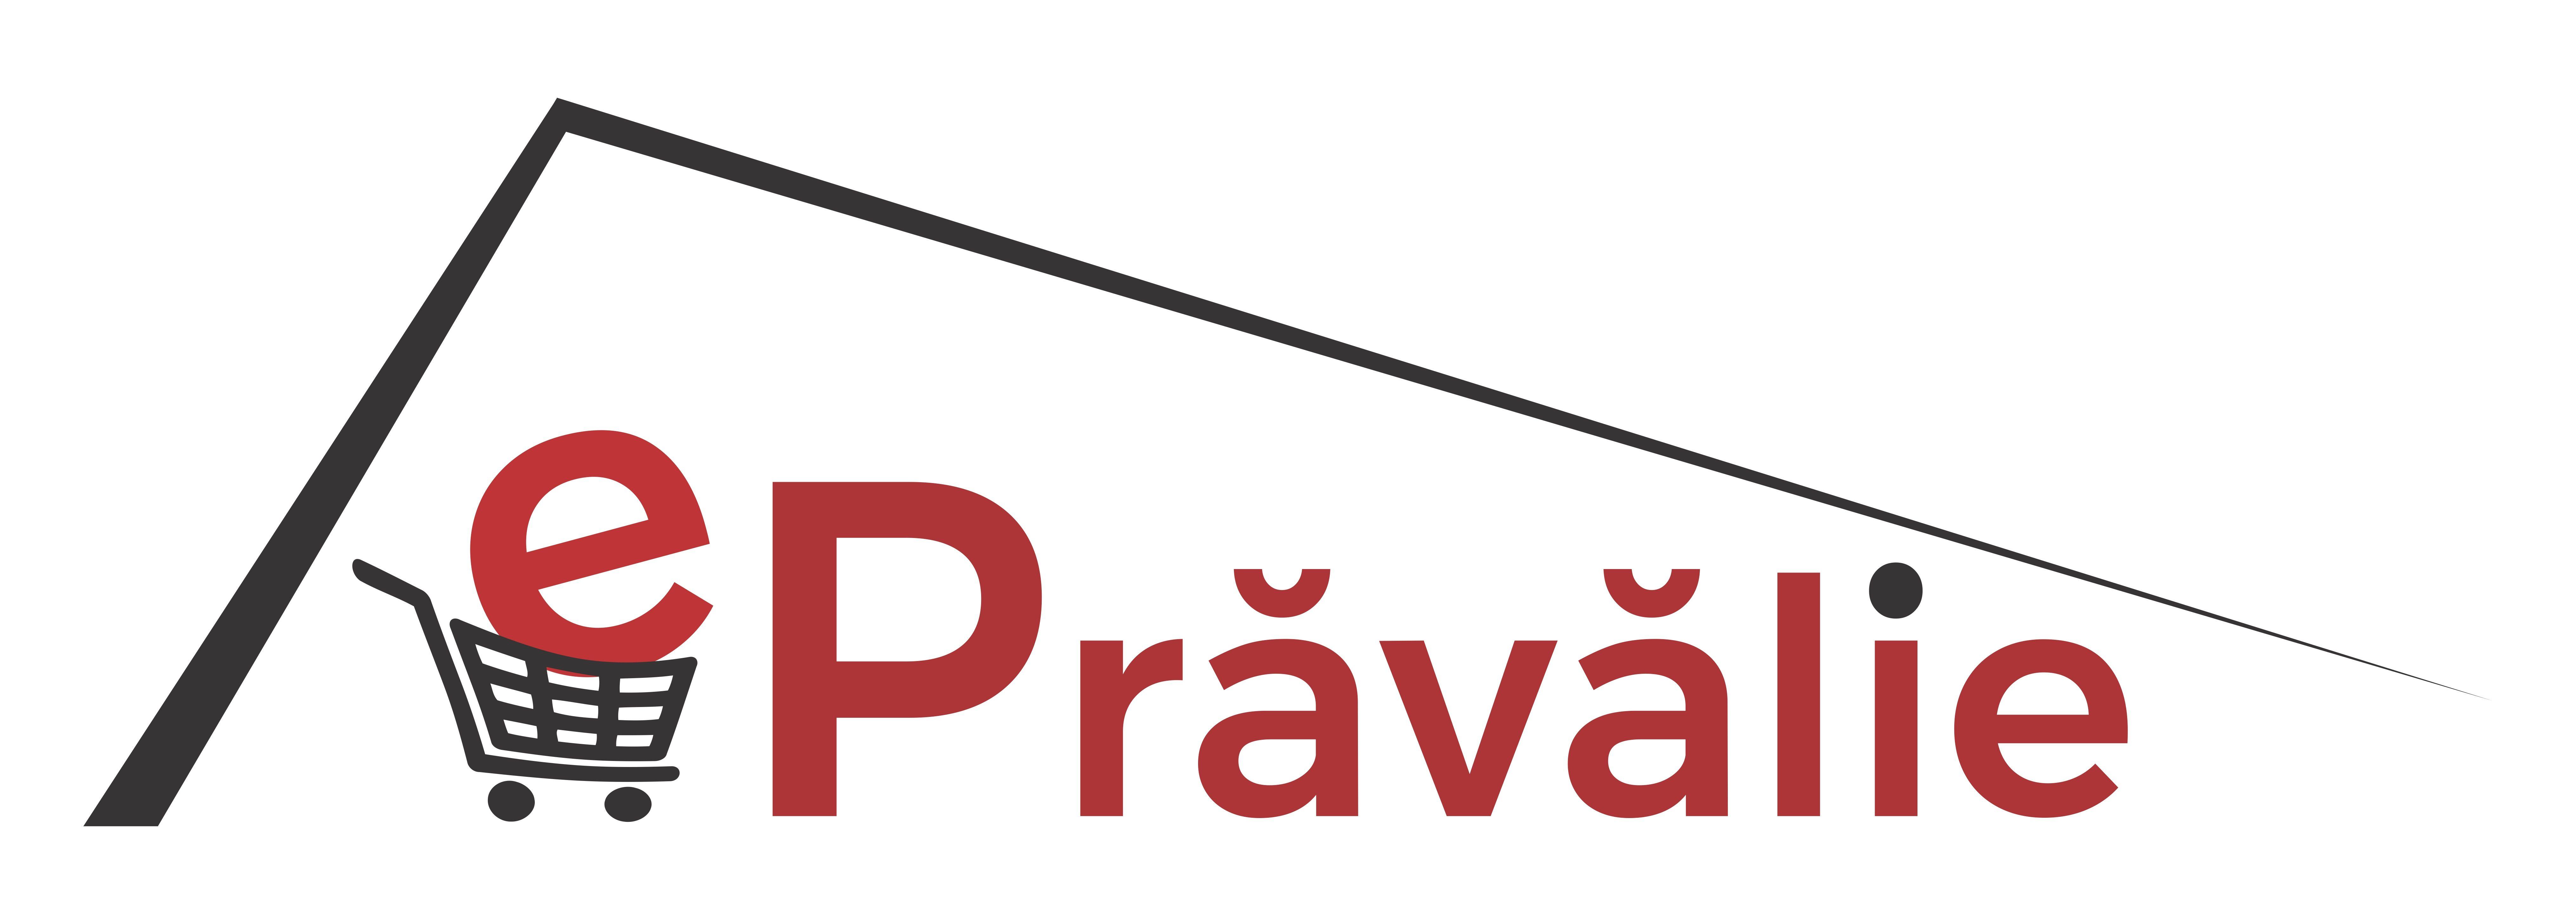 ePravalie – Electronice, Accesorii telefoane, Boxe, Casti audio, Gadgeturi, Produse, Accesorii, Plafar